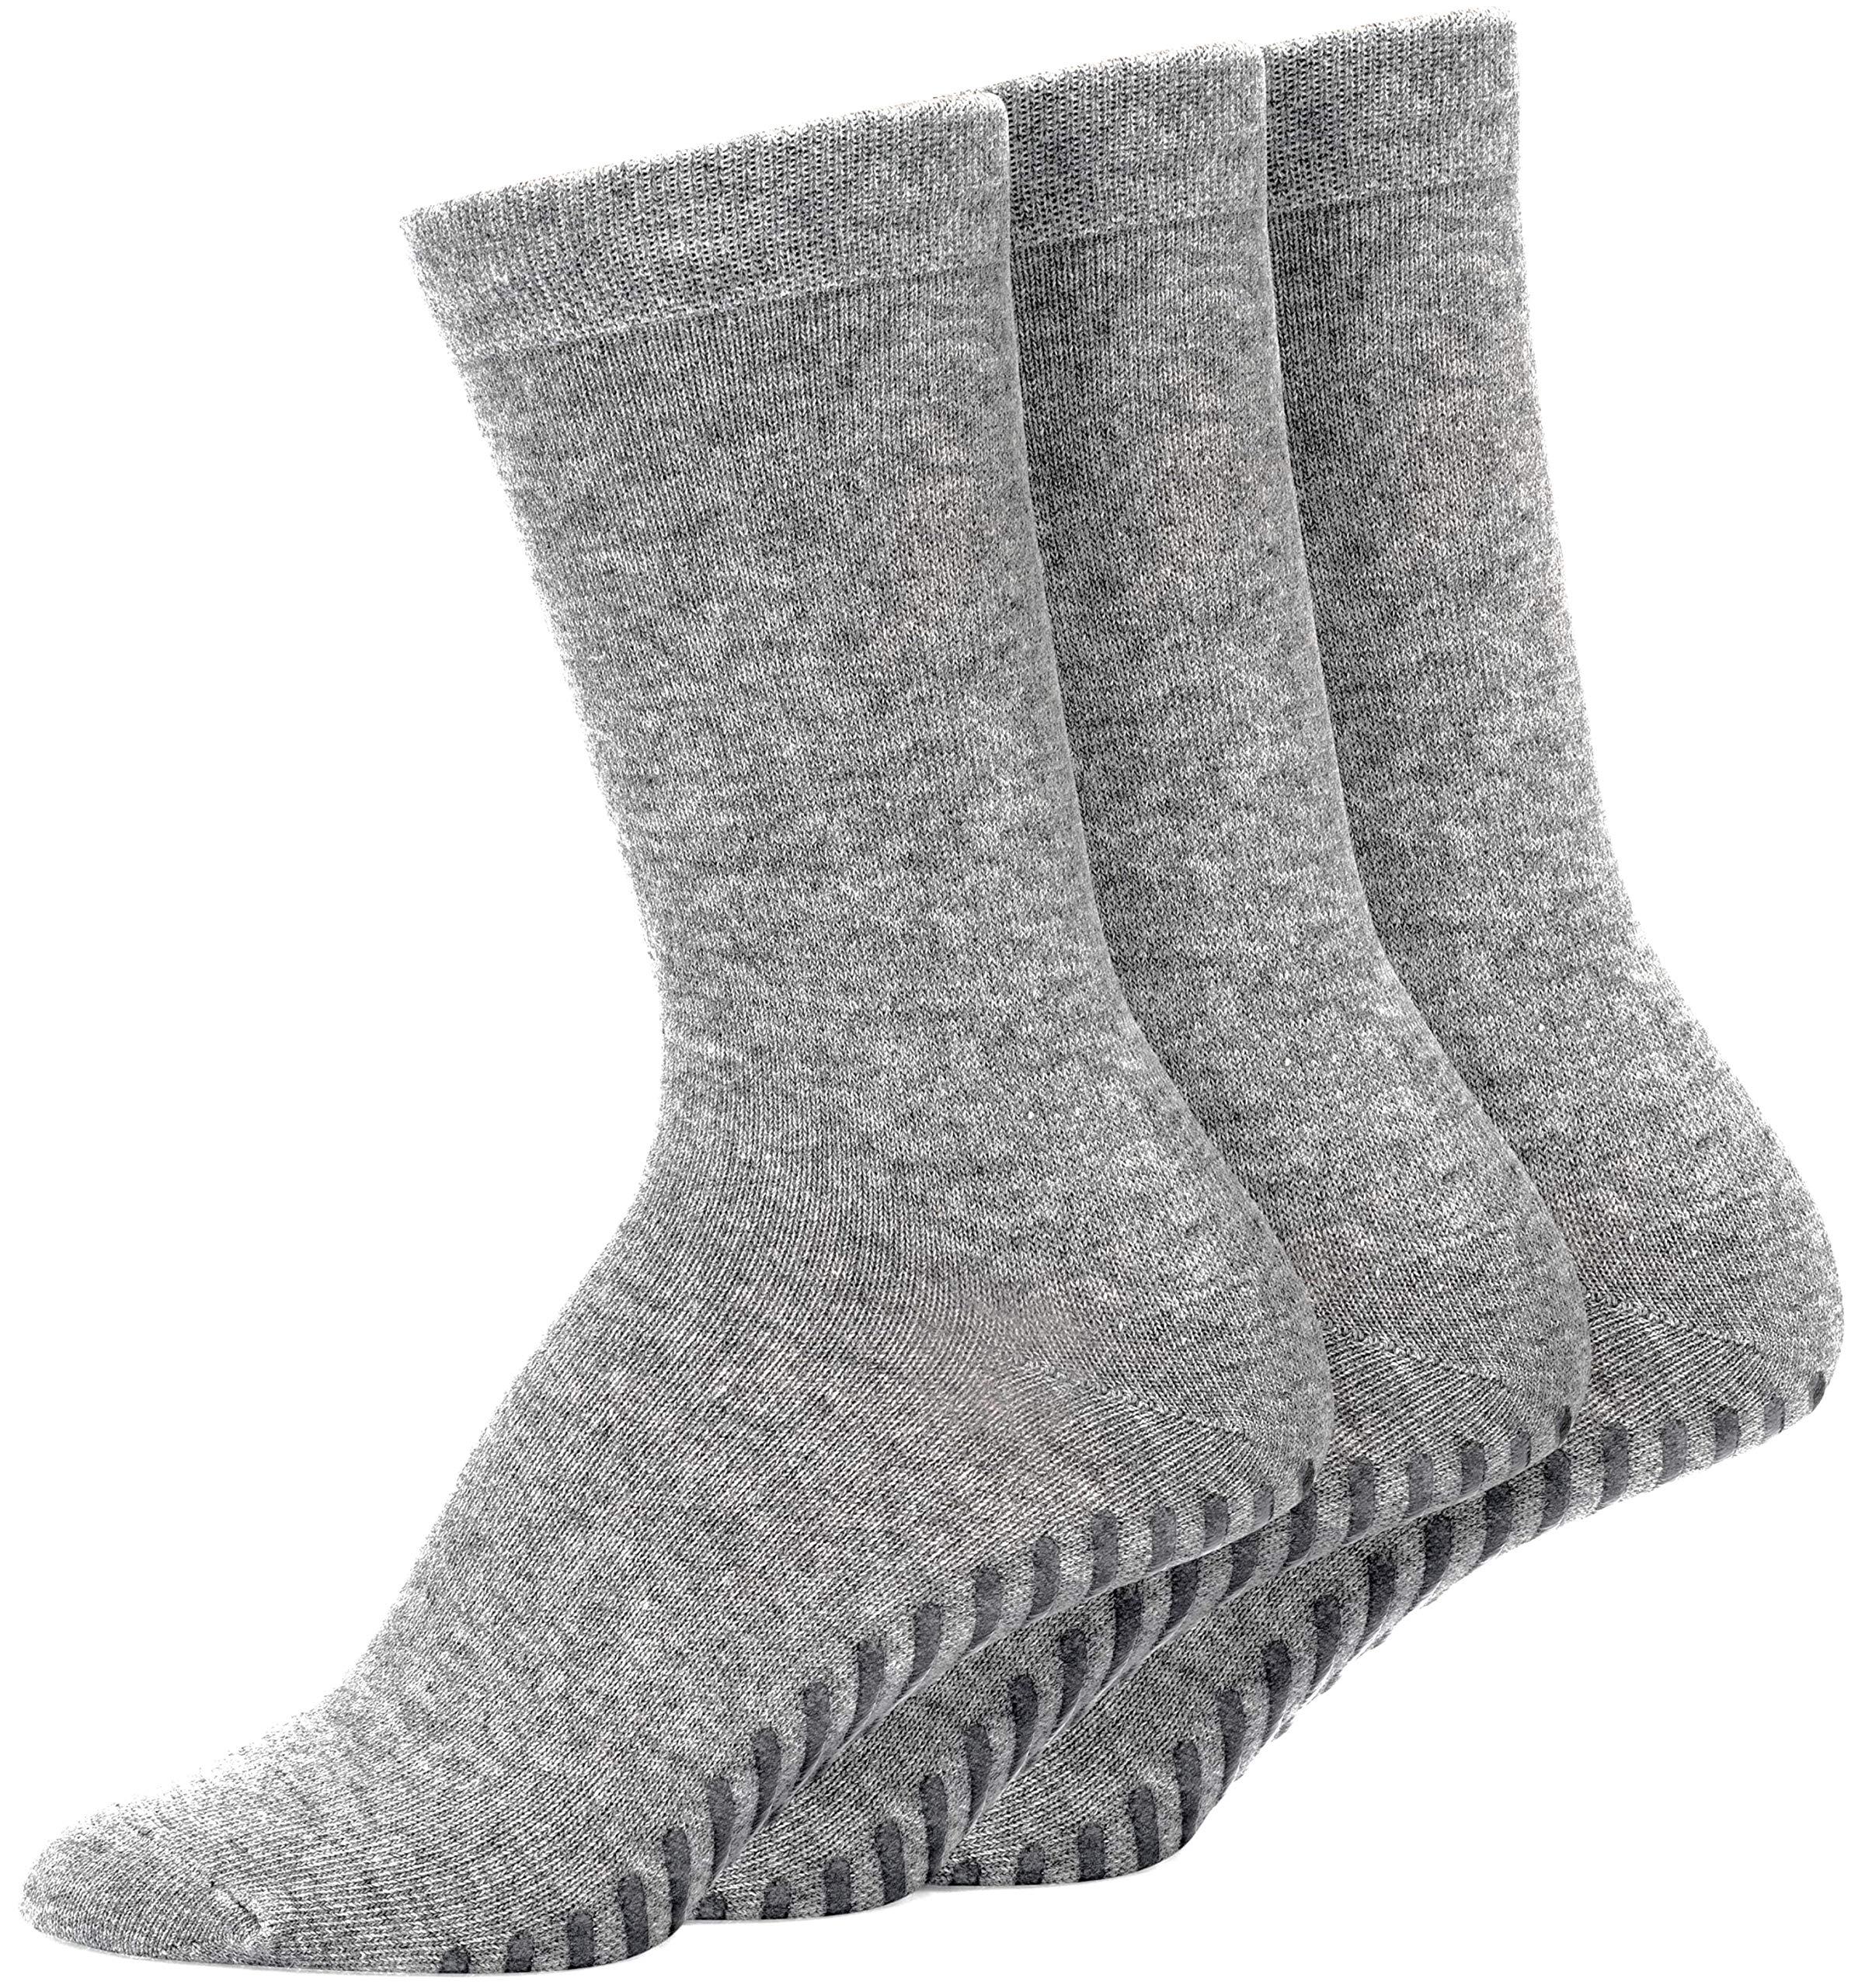 Gripjoy Grip Socks Non Slip Socks for